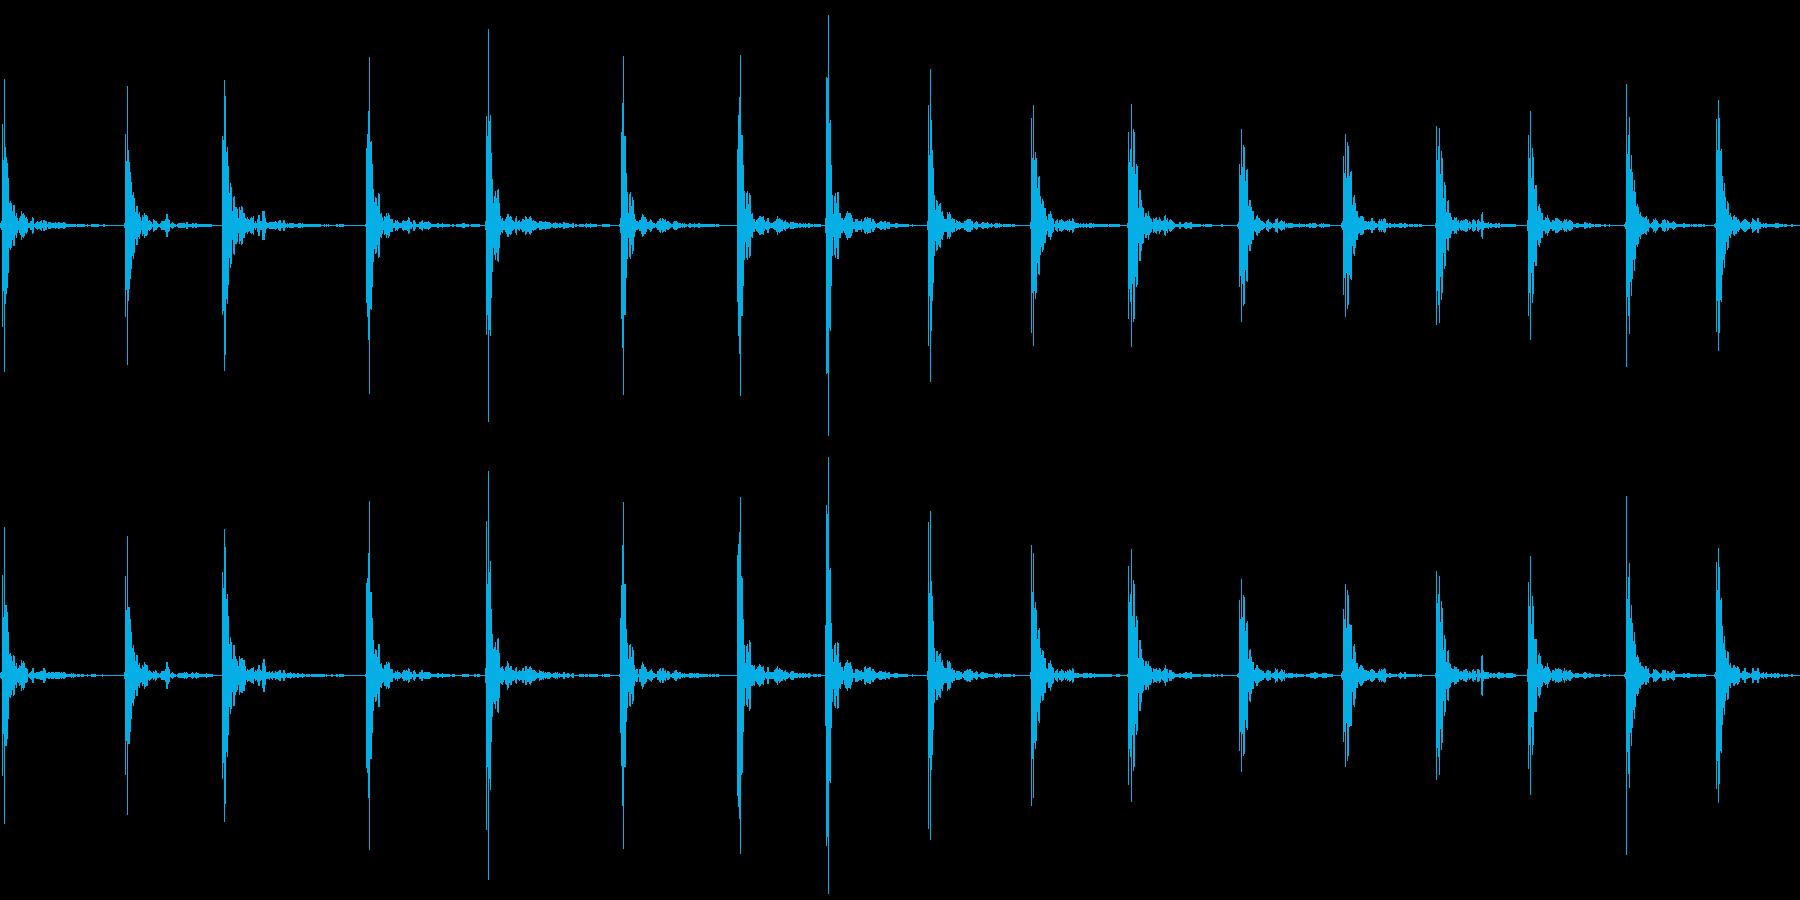 バスケットのドリブルの再生済みの波形